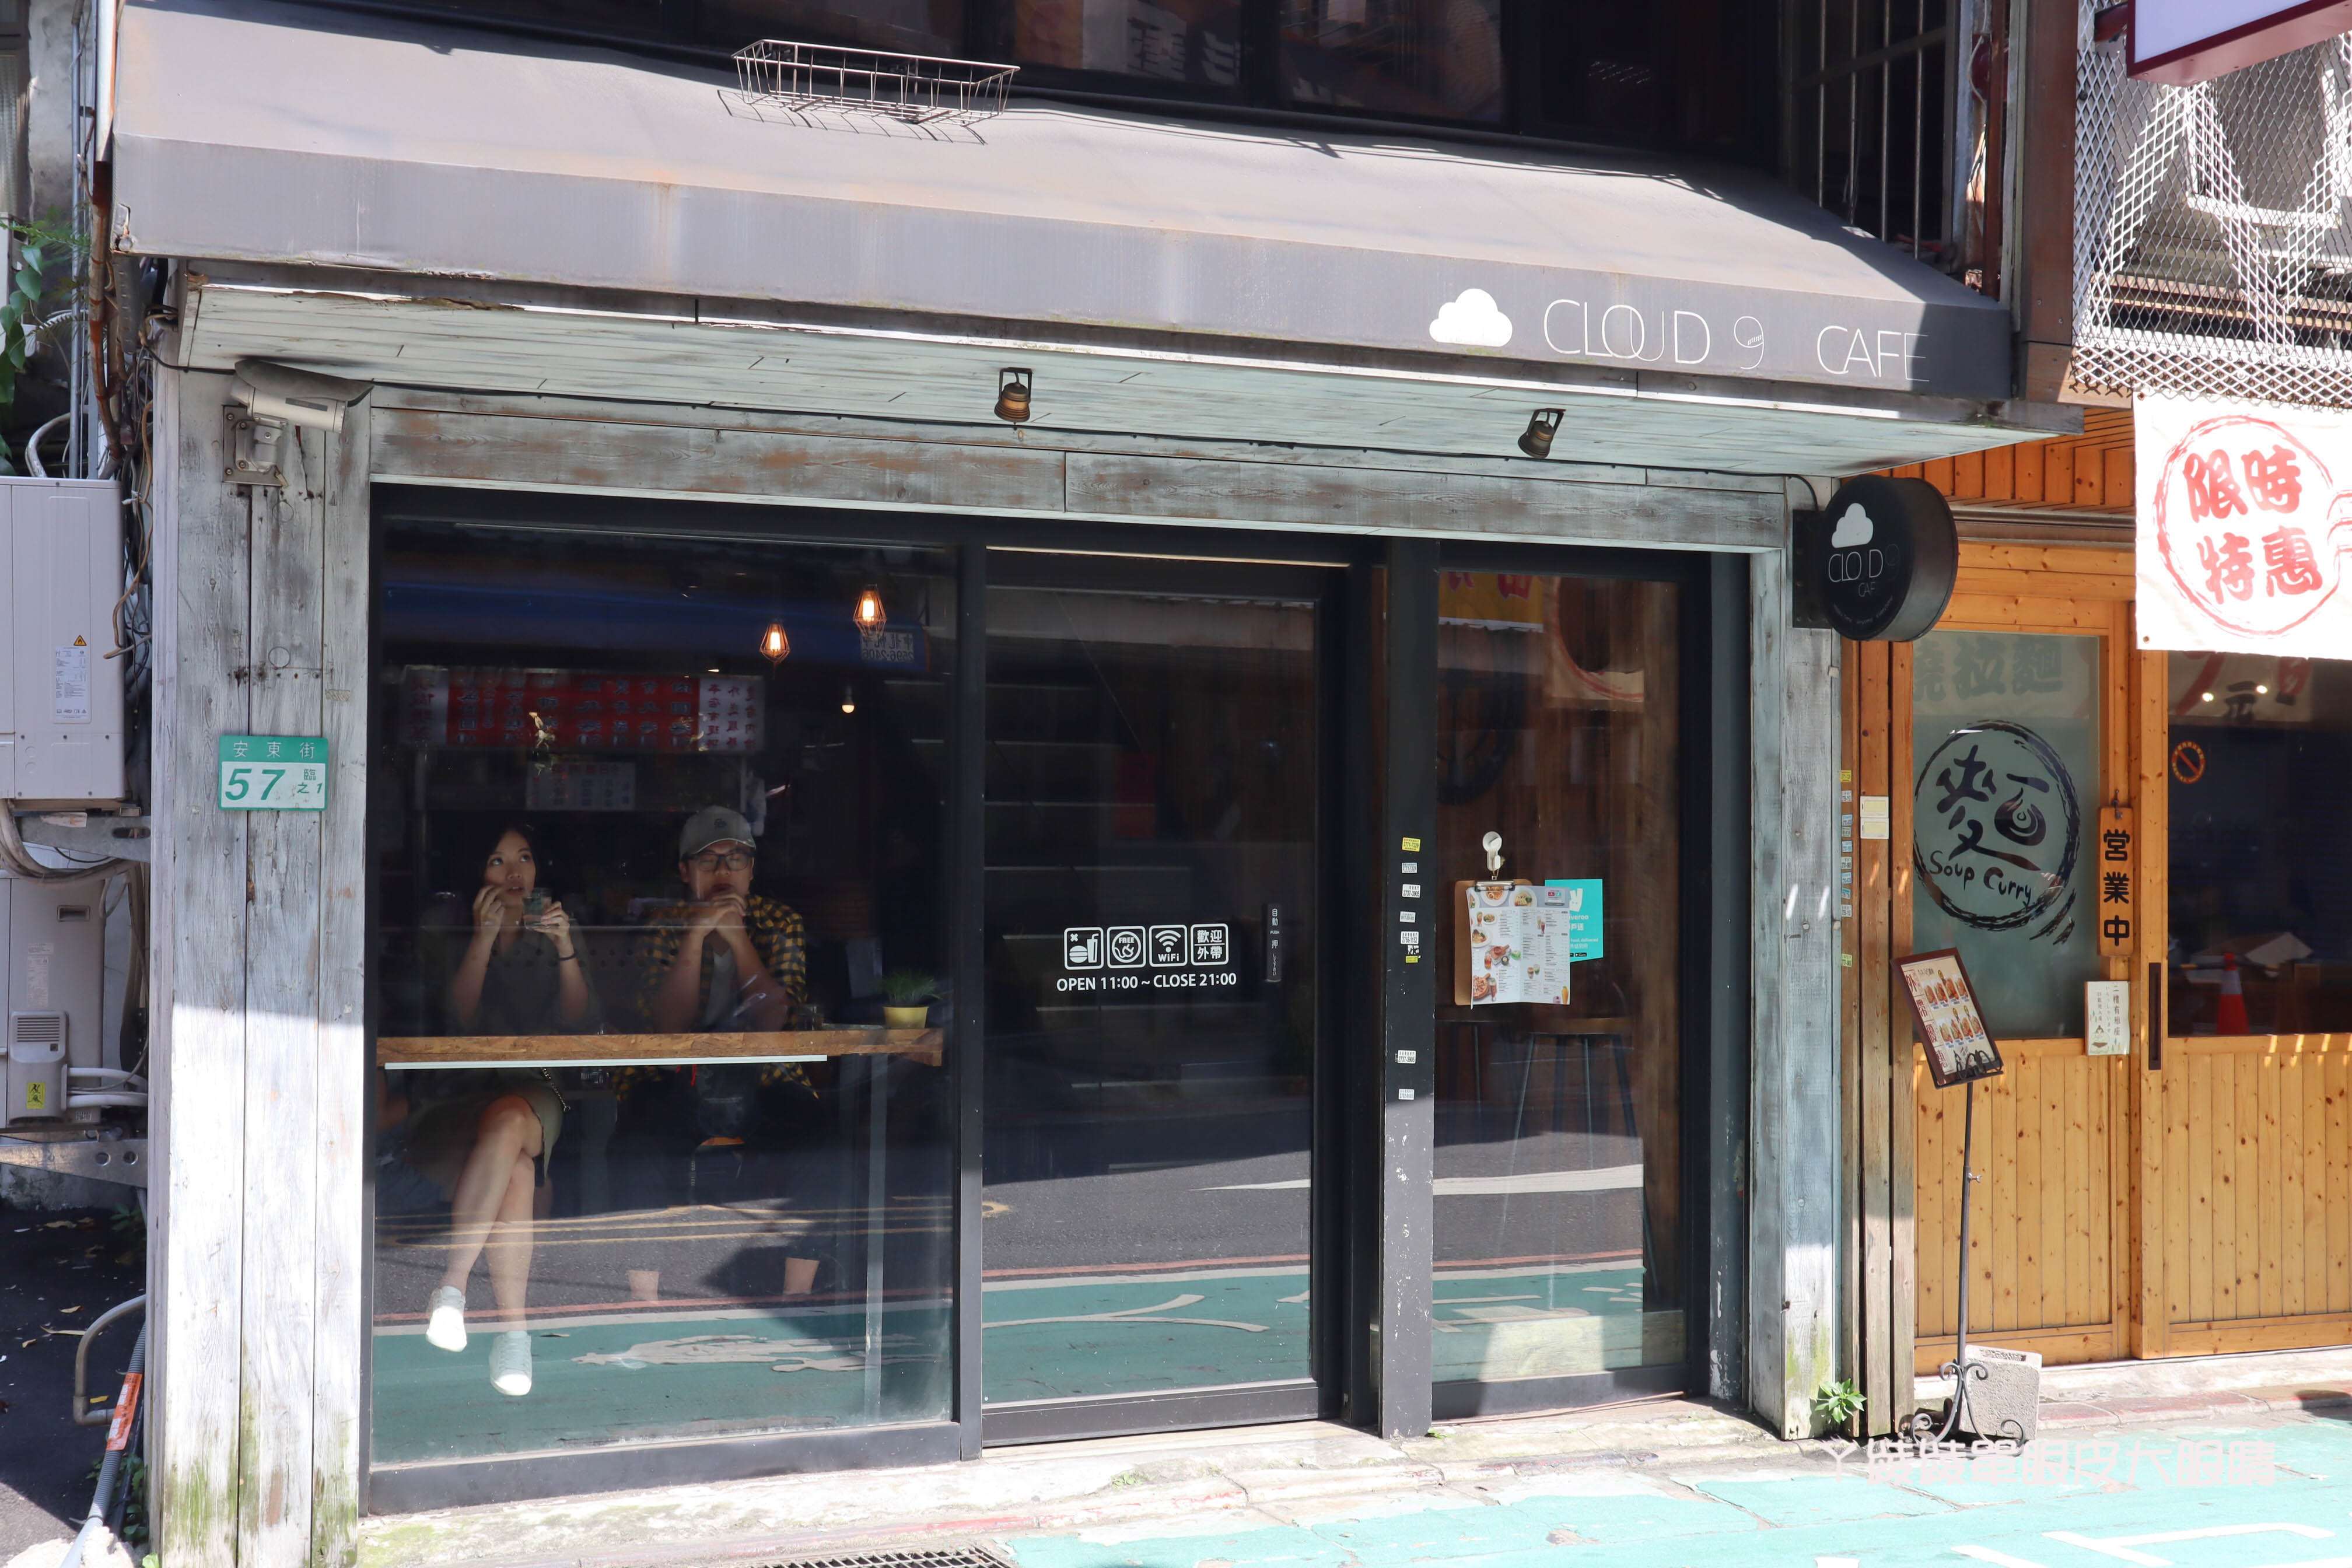 台北捷運美食推薦CLOUD 9 CAFE!忠孝復興內用不限時、提供WIFI及插座的咖啡廳,台北平價美食